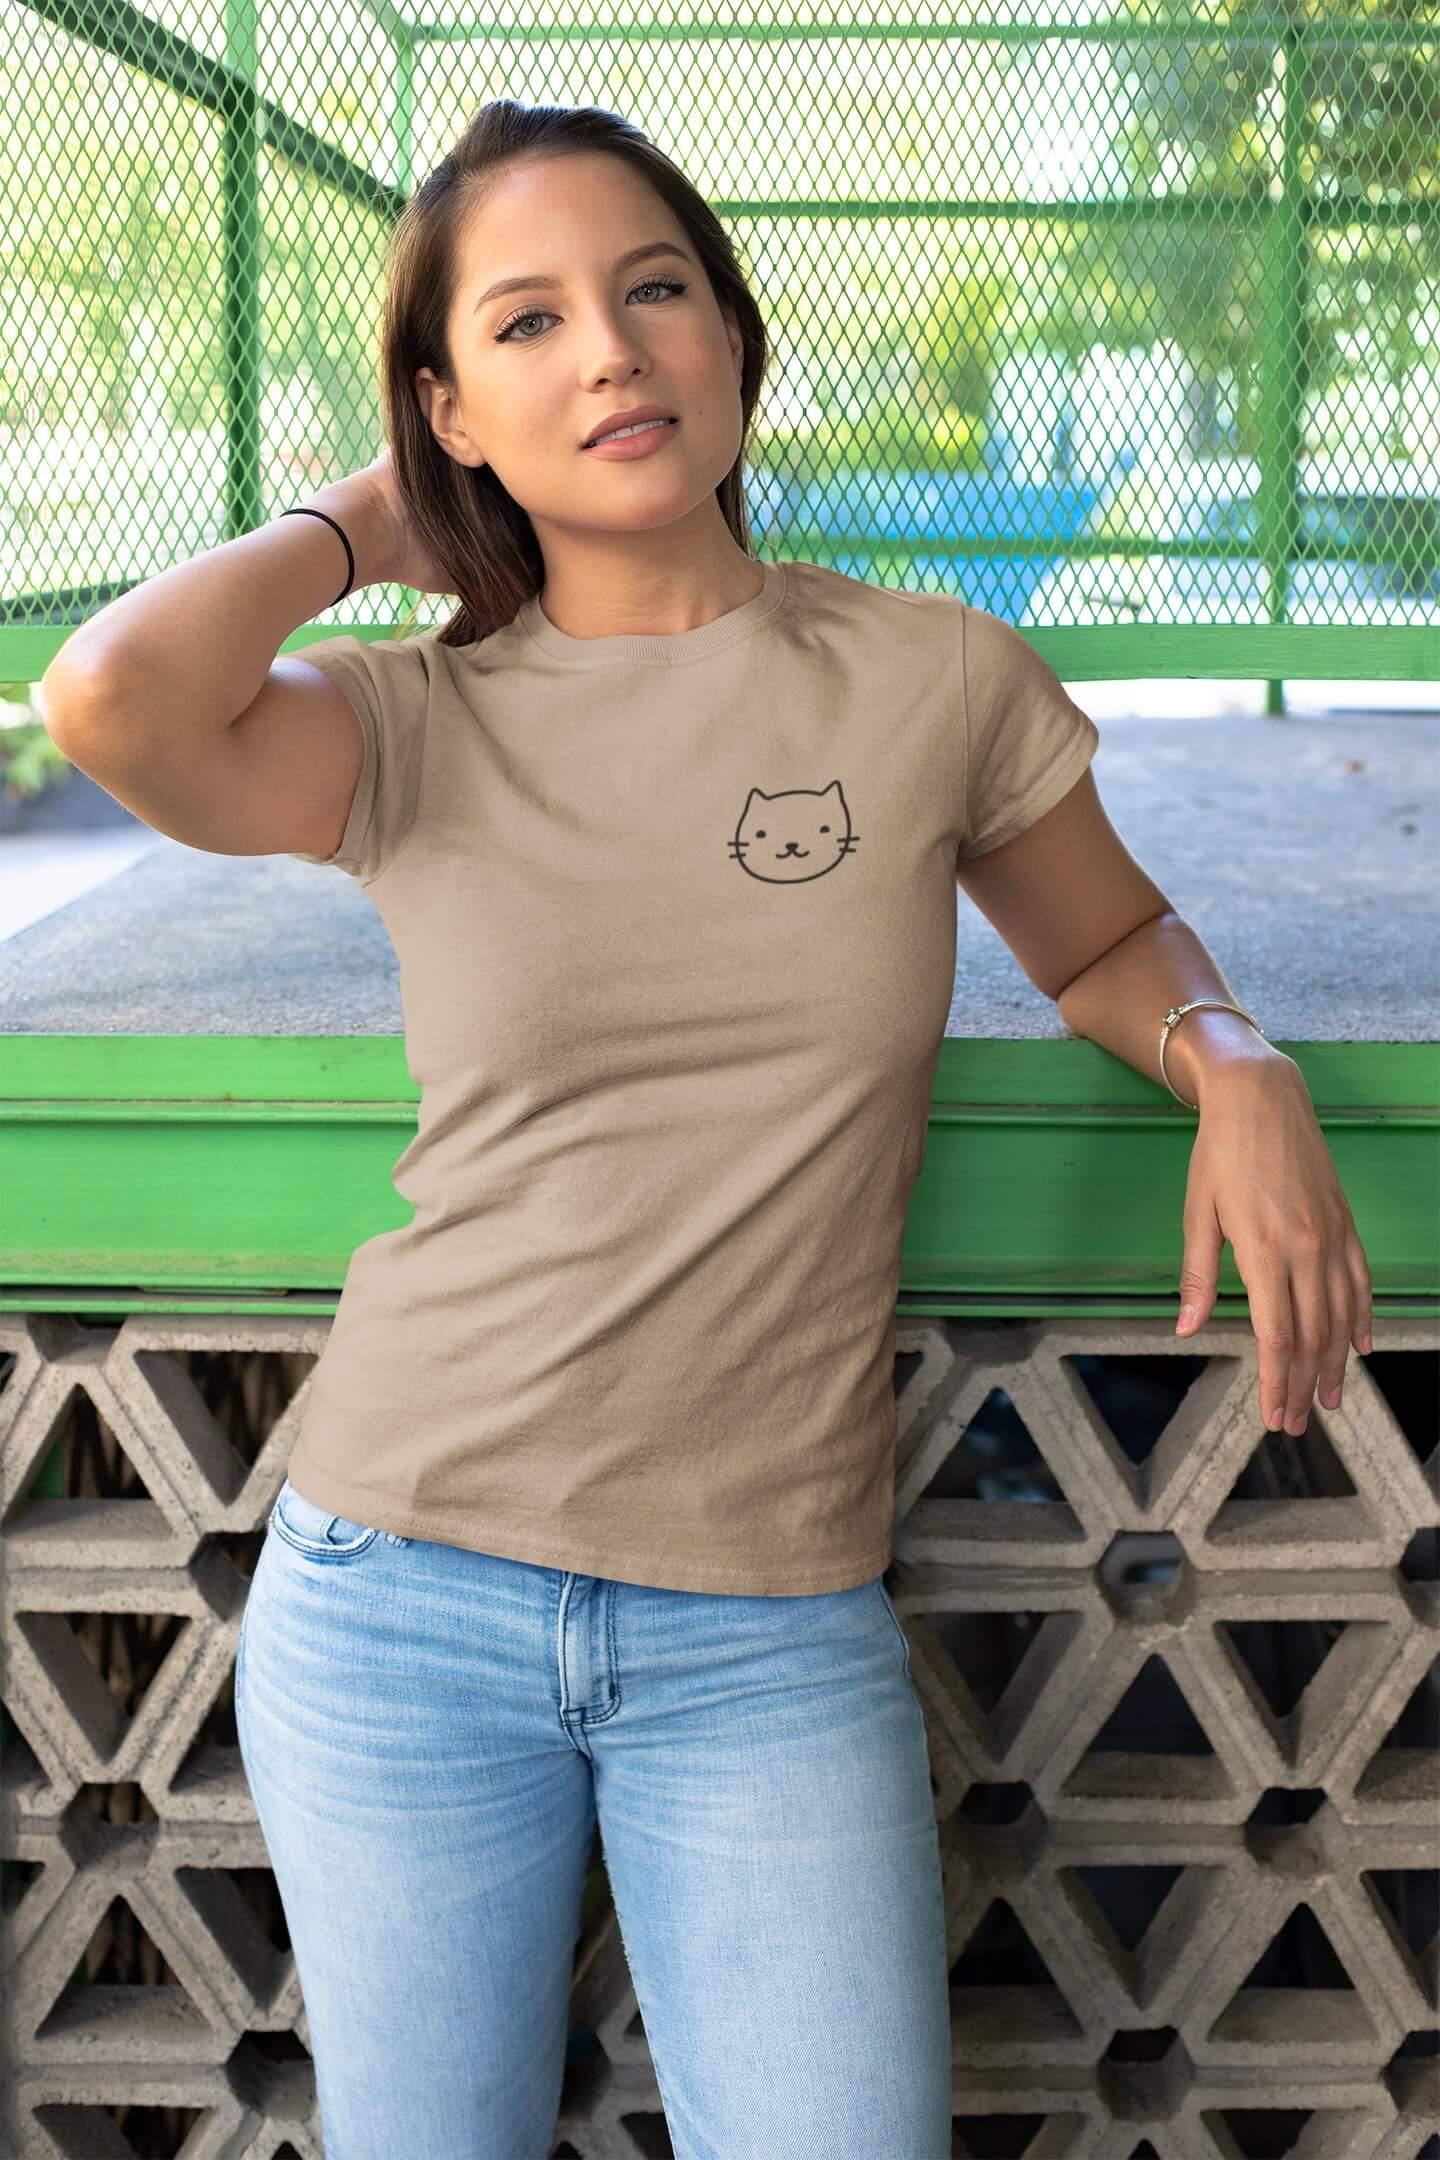 MMO Dámske tričko Mačka Vyberte farbu: Piesková, Dámska veľkosť: S